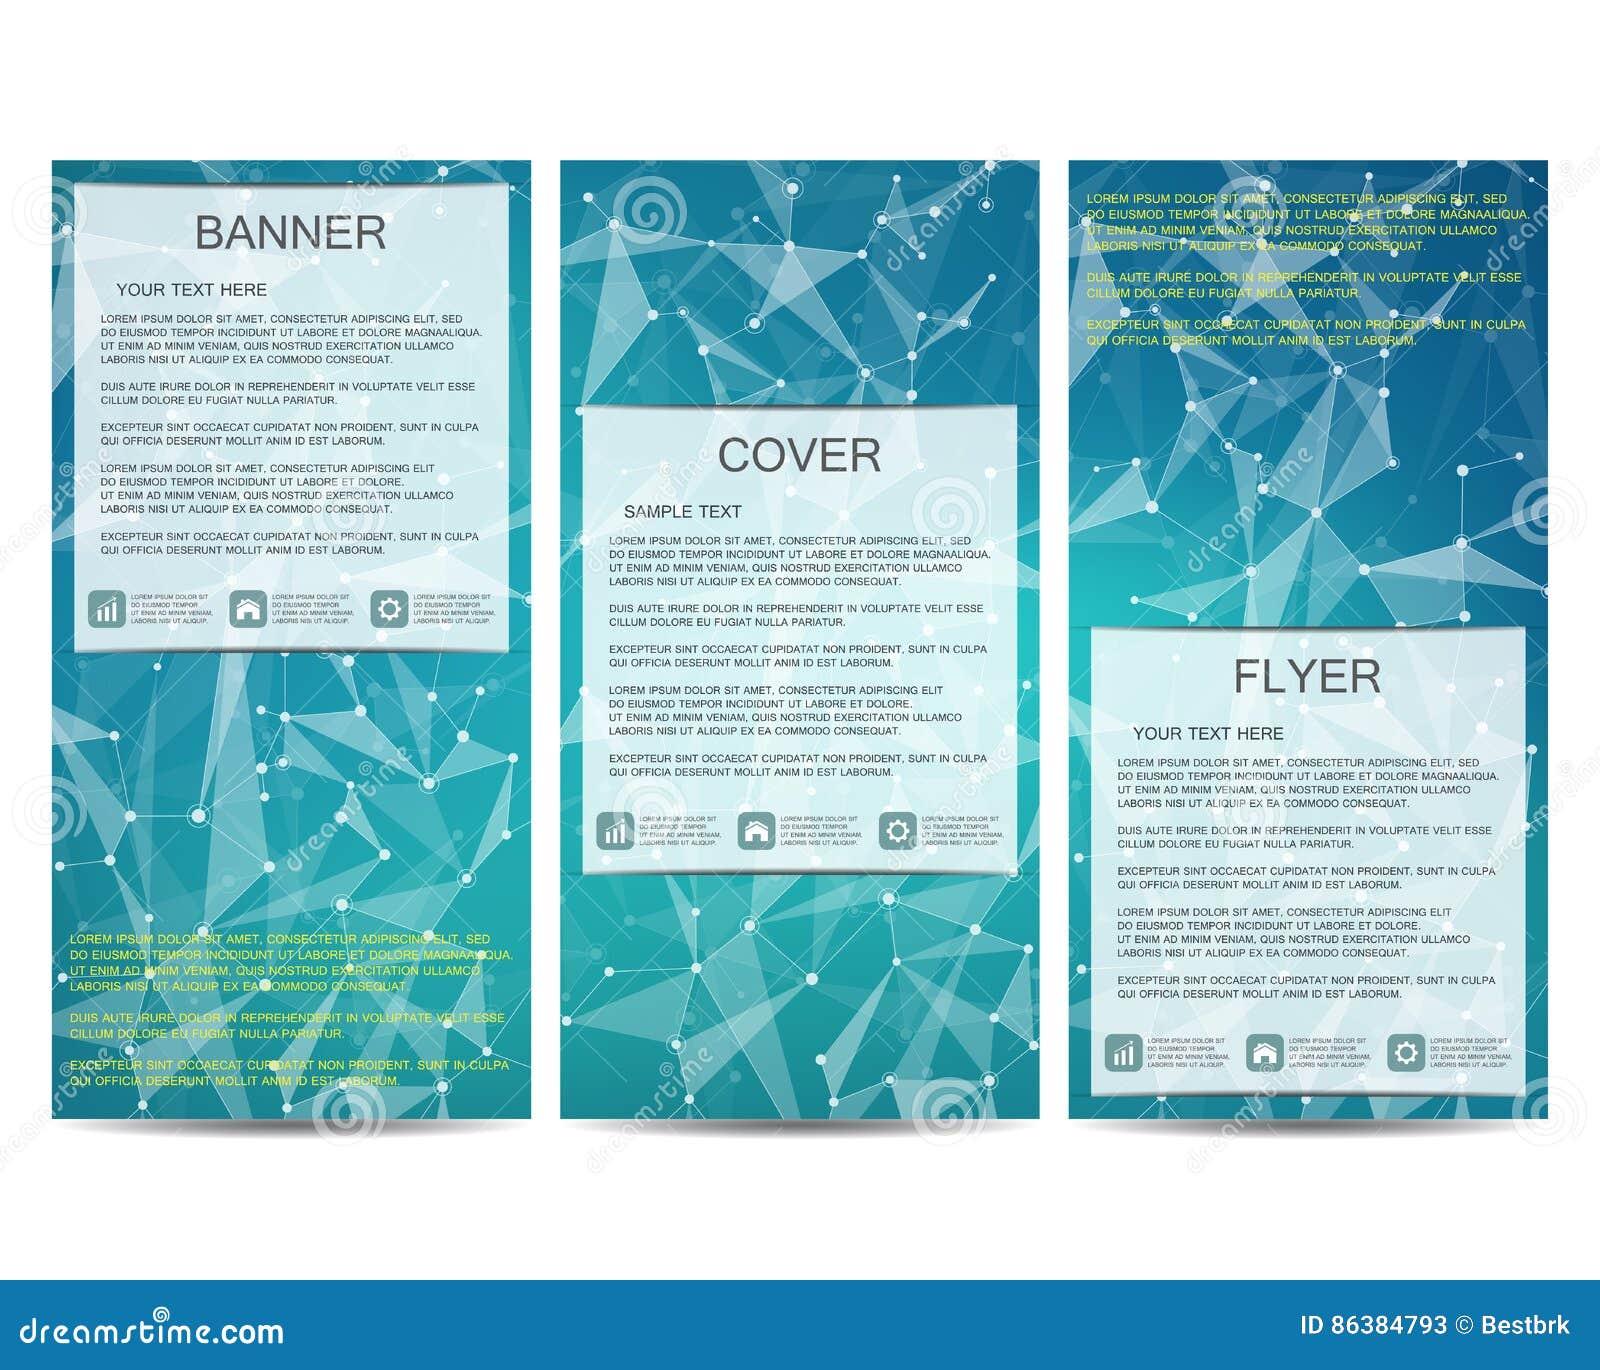 sistema de banderas cientficas modernas dna de la estructura de la molcula y neuronas abstraiga el